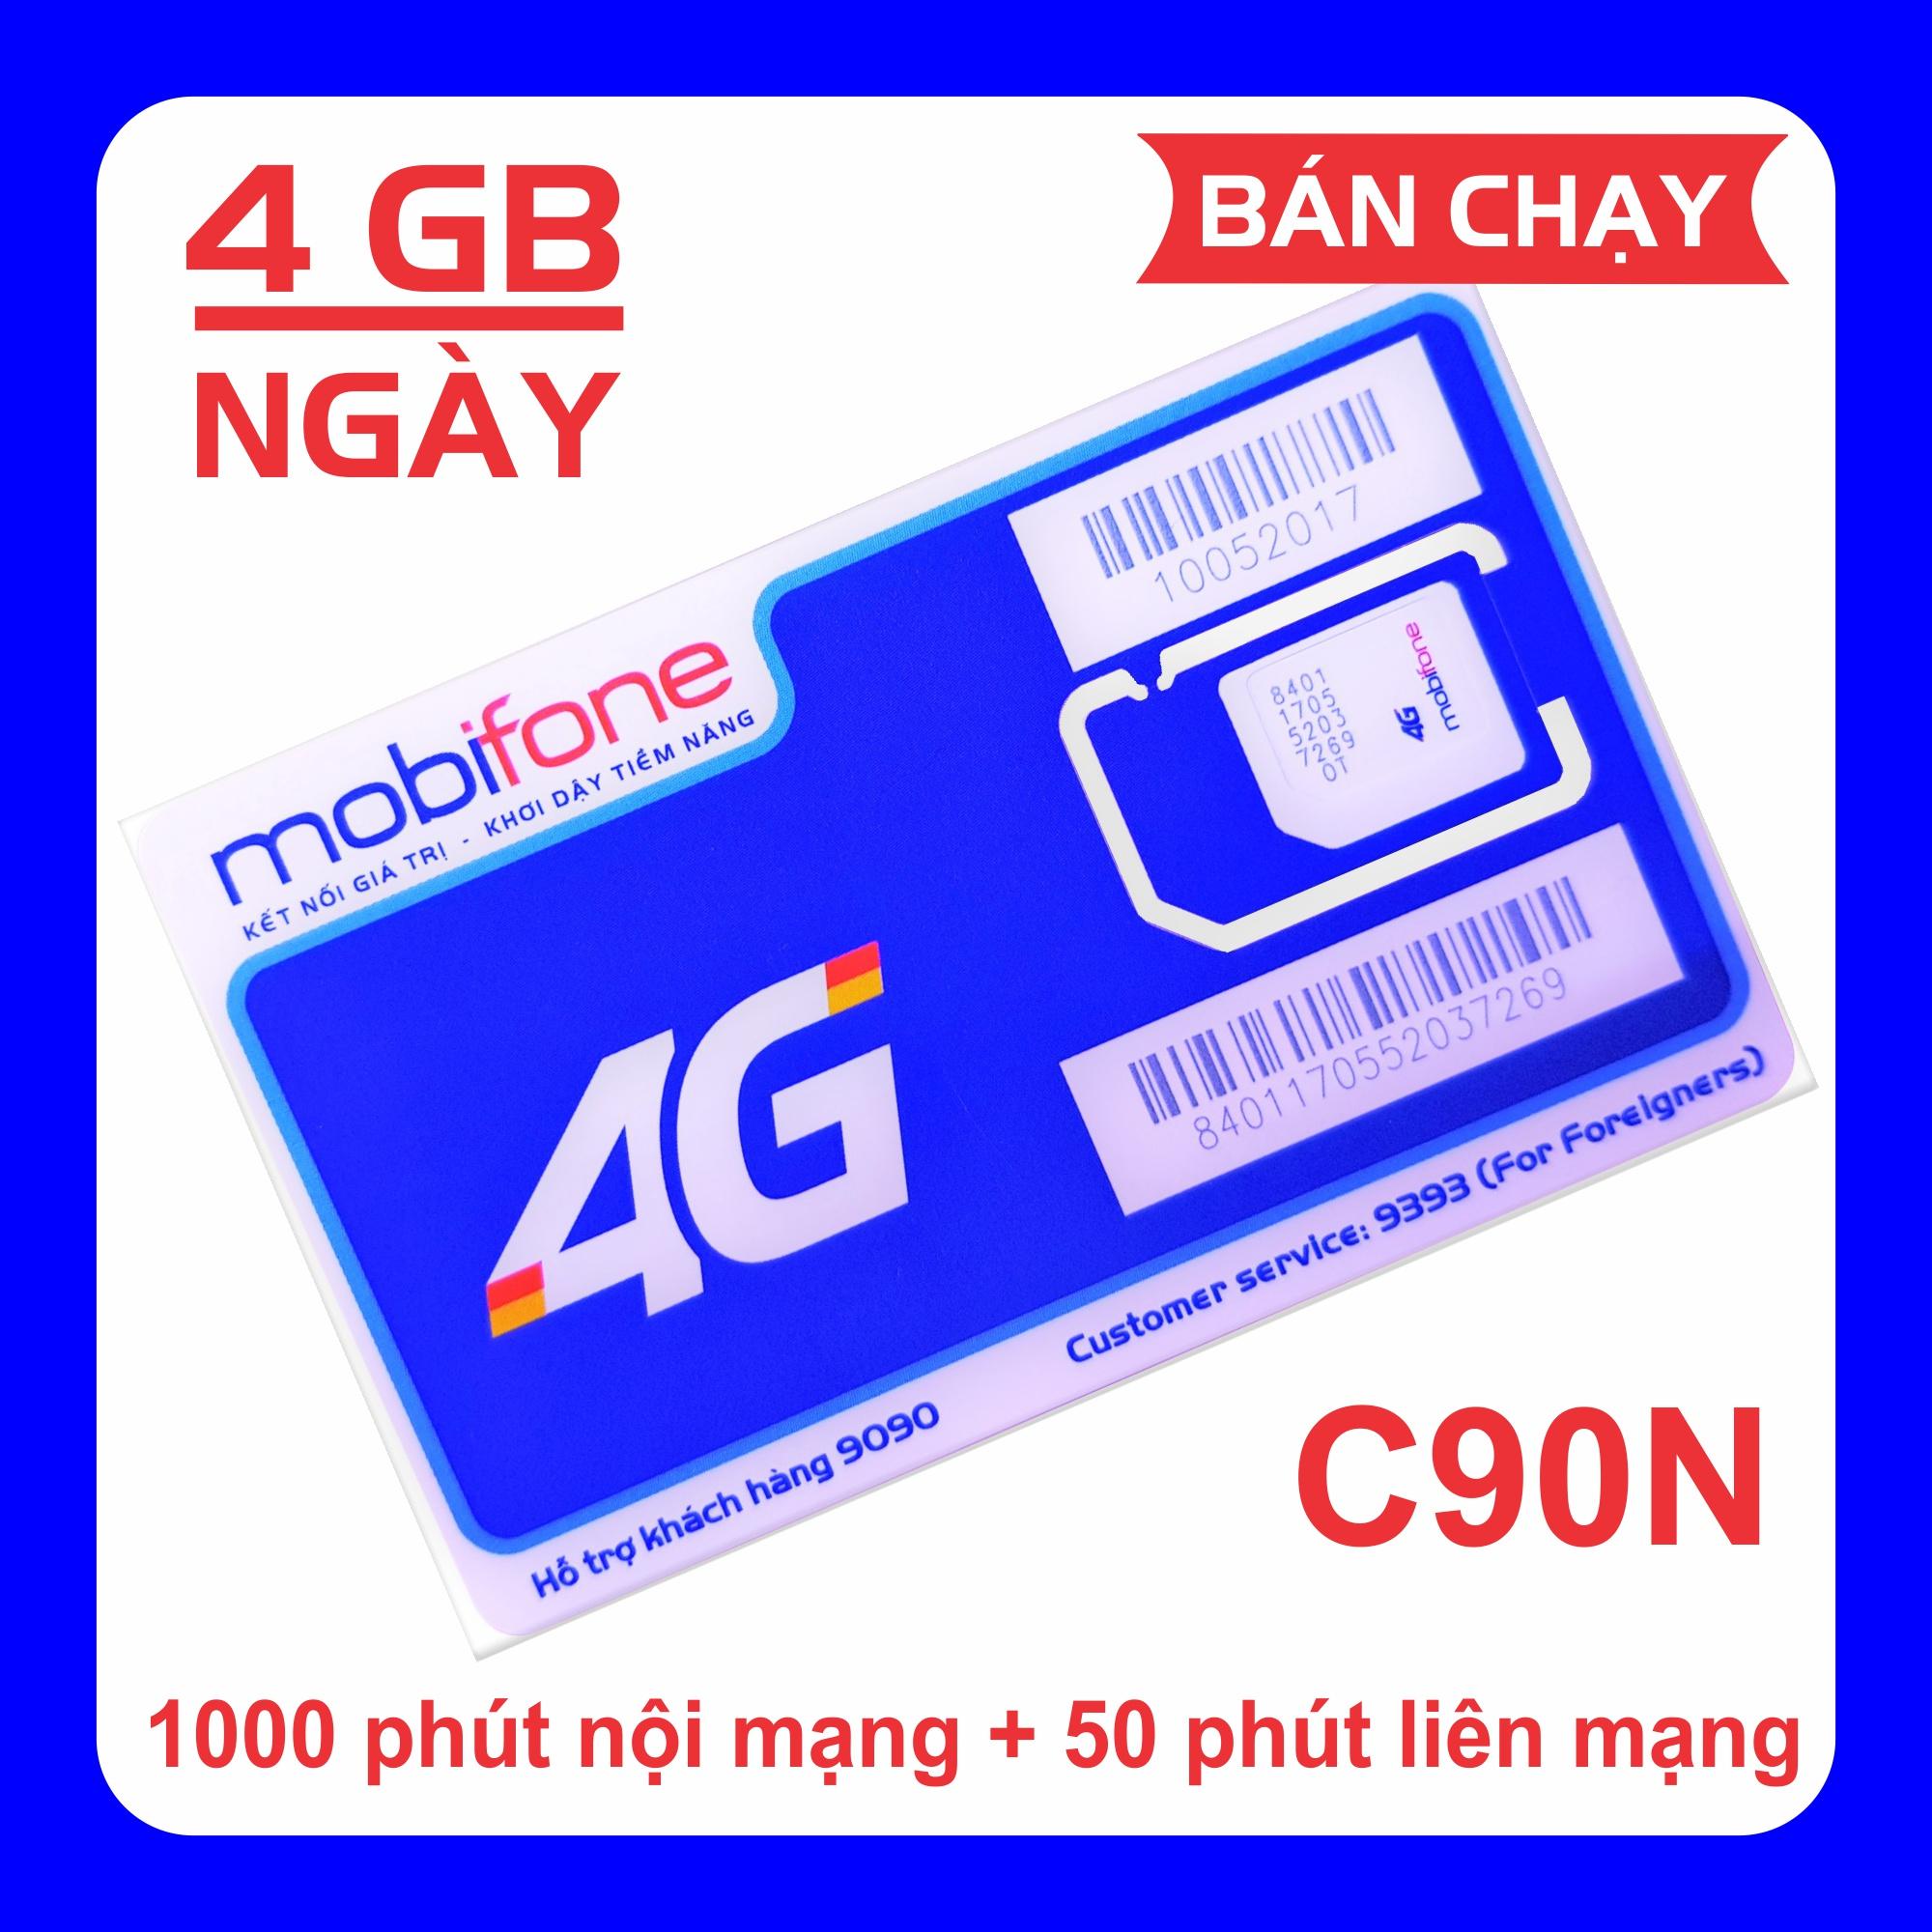 Sim 4G MobiFone C90N Miễn Phí Tháng đầu 120 GB/tháng (4 GB/ngày + 1000 Phút Nội Mạng + 50 Phút Liên Mạng) Siêu Ưu Đãi tại Lazada